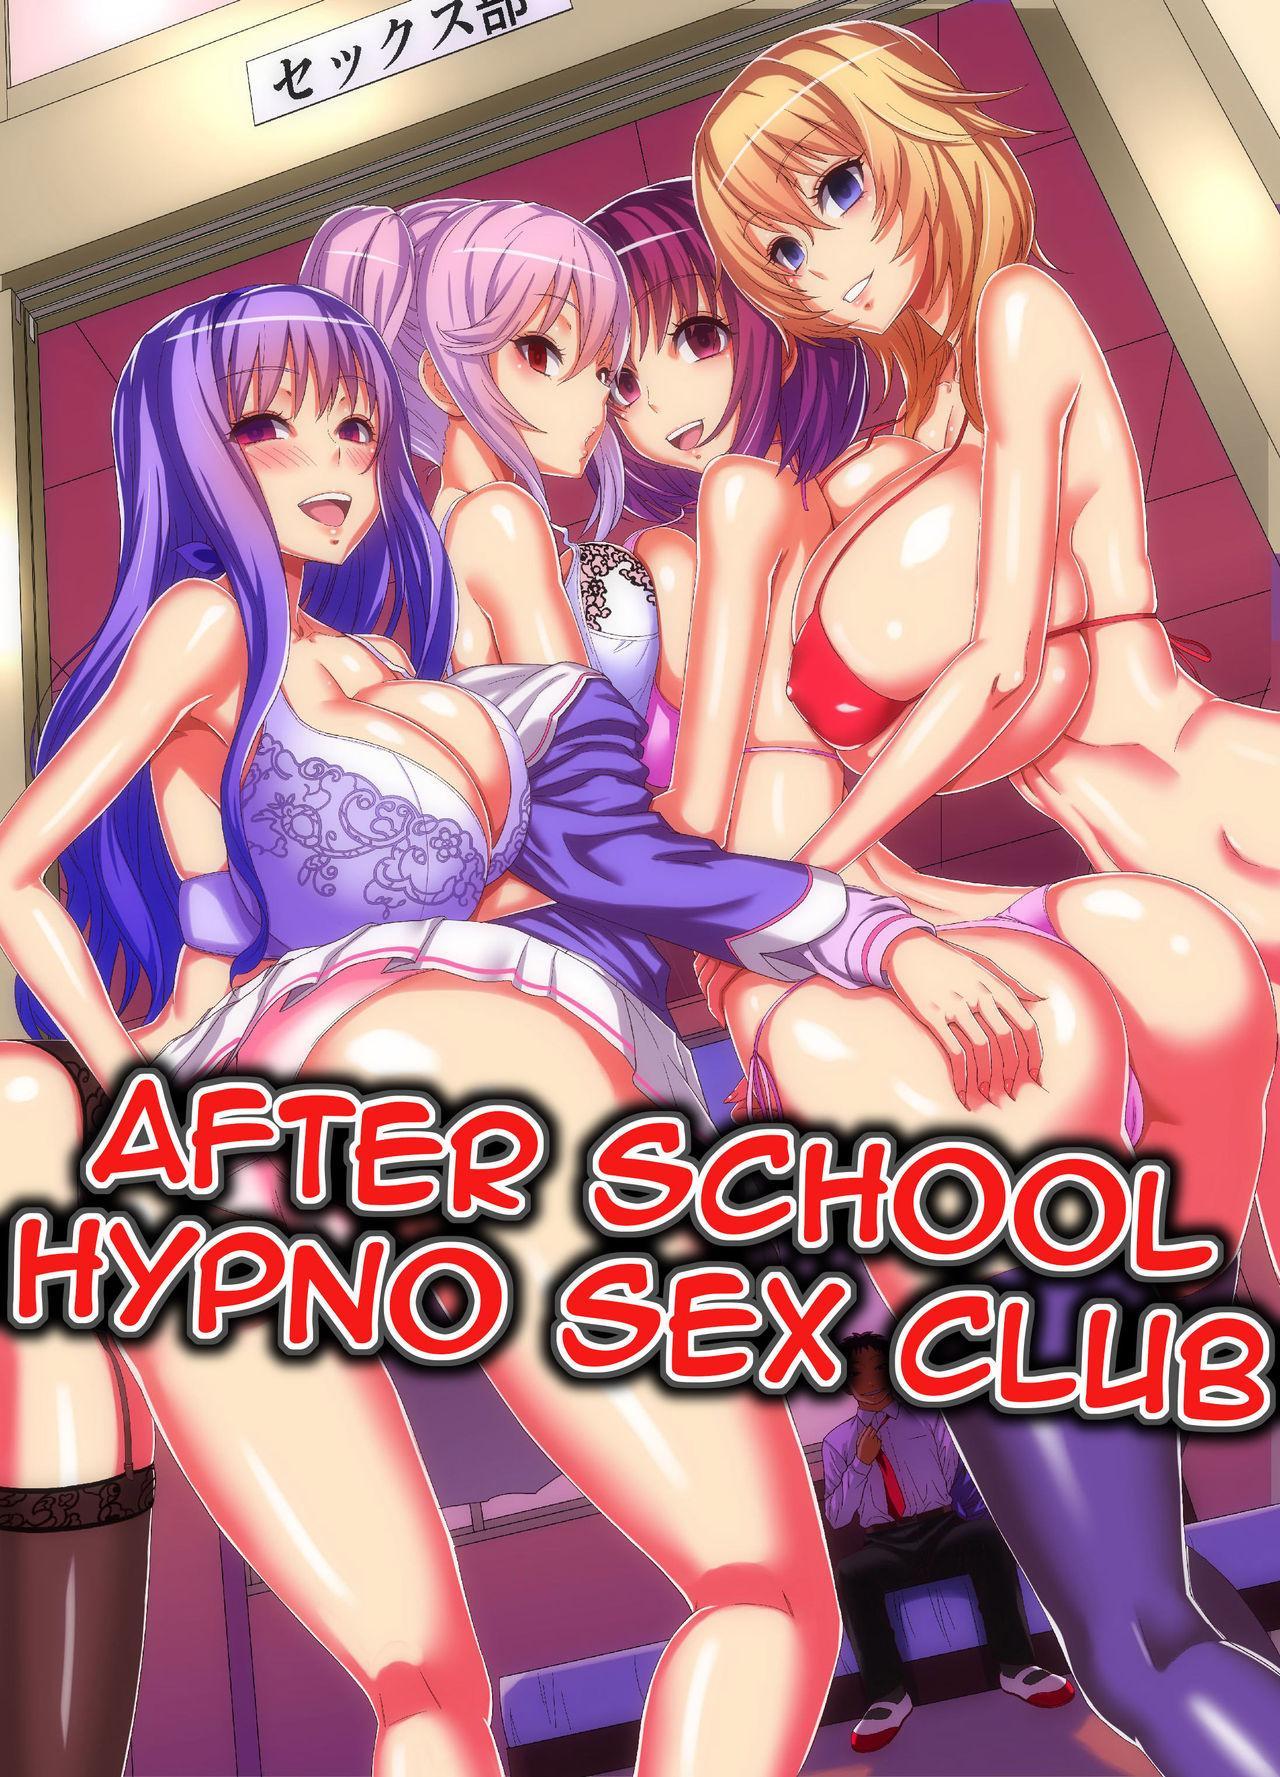 Houkago Saimin SEX bu | After School Hypno Sex Club 0